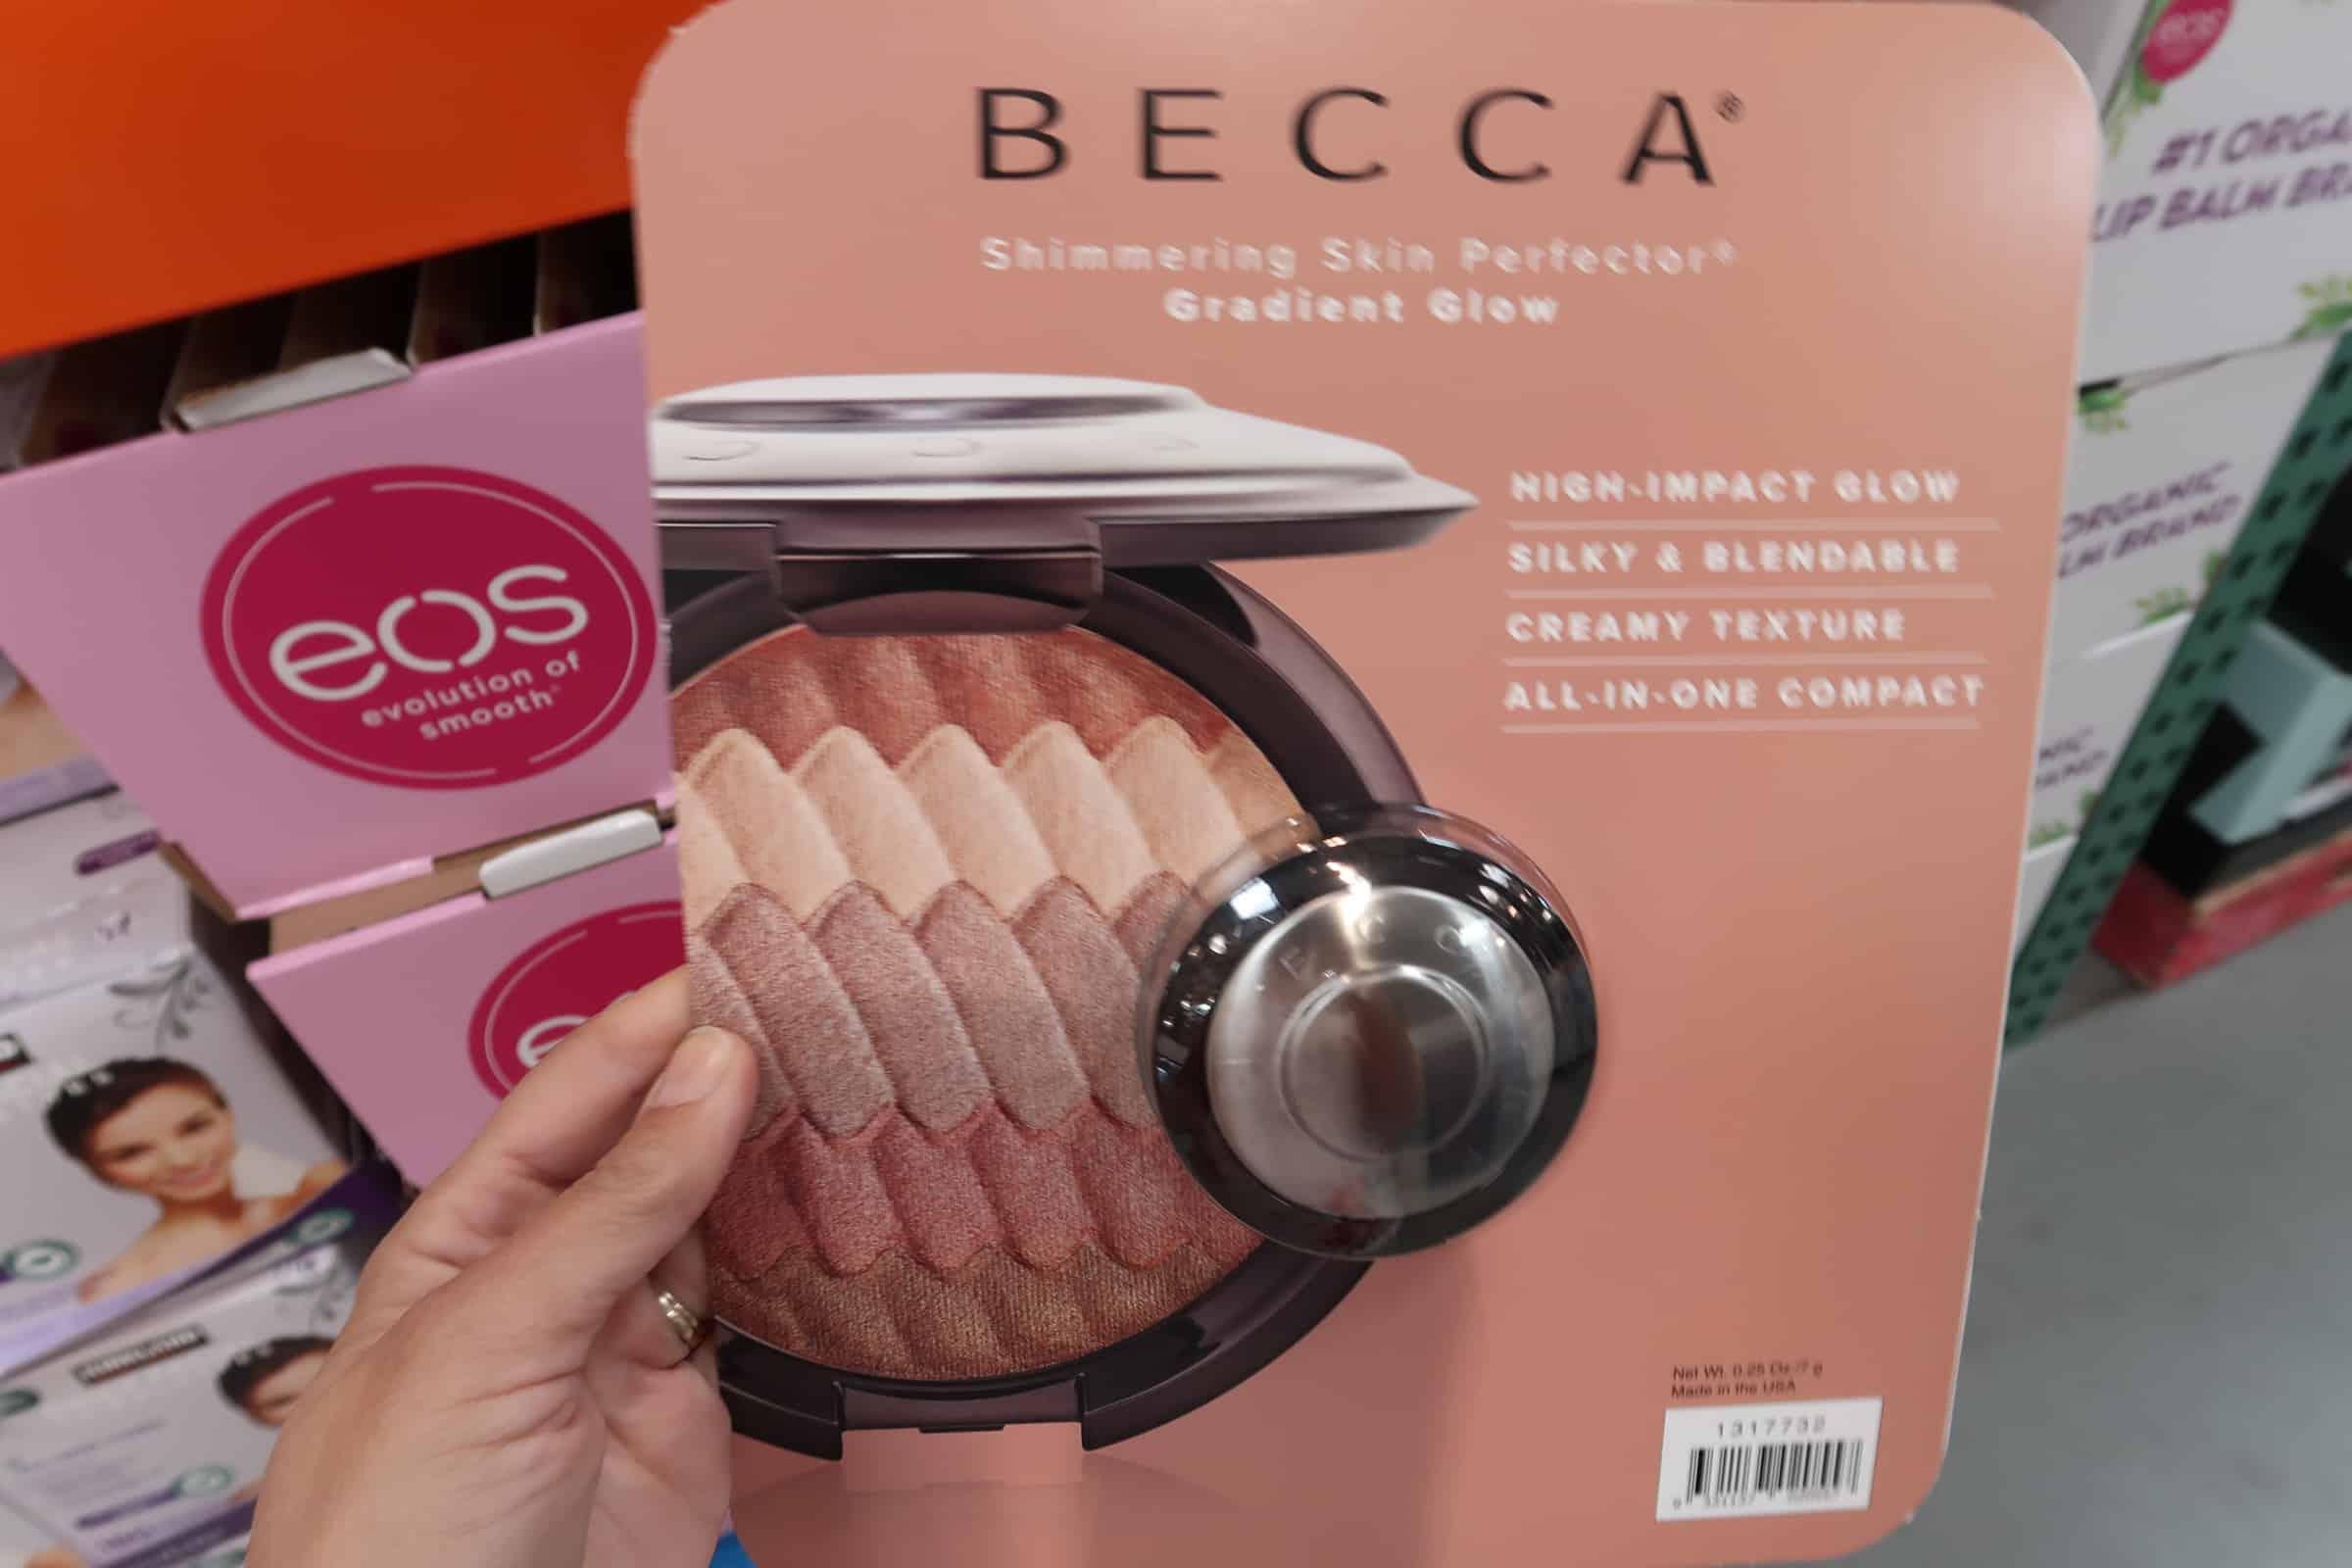 becca makeup at costco